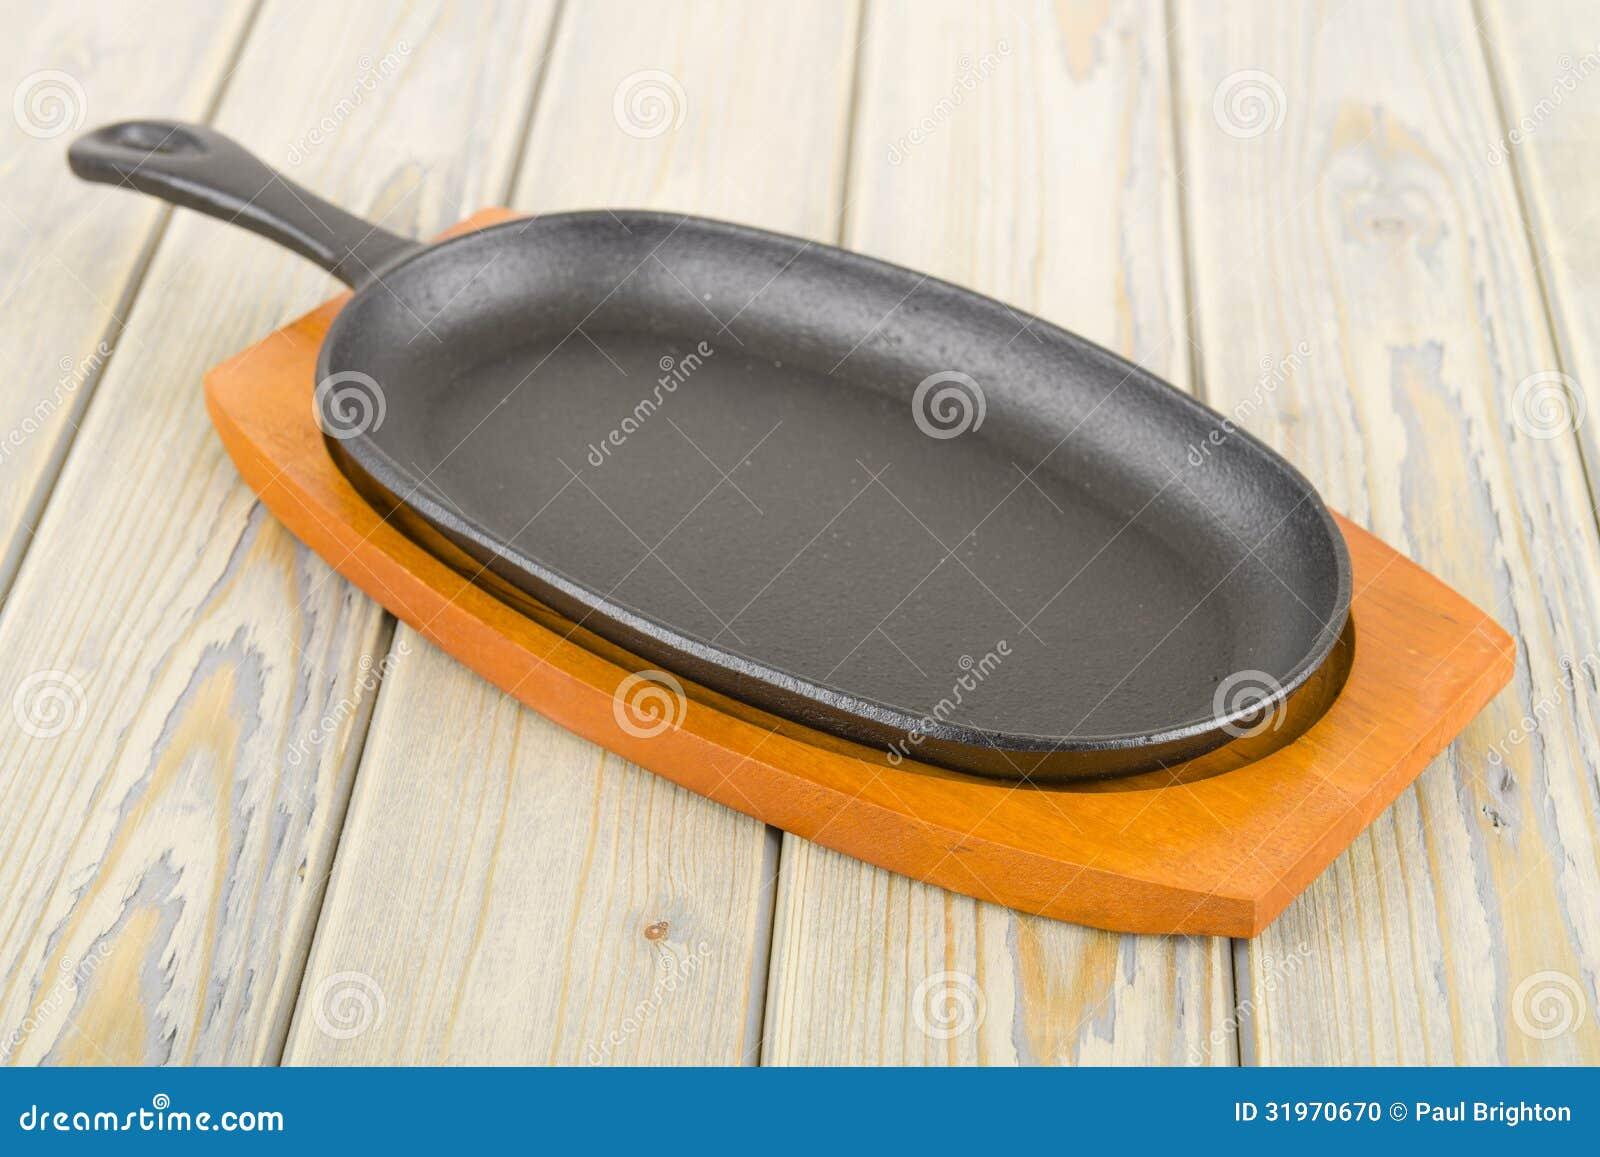 Cast Iron Sizzle Platter Stock Photo Image 31970670